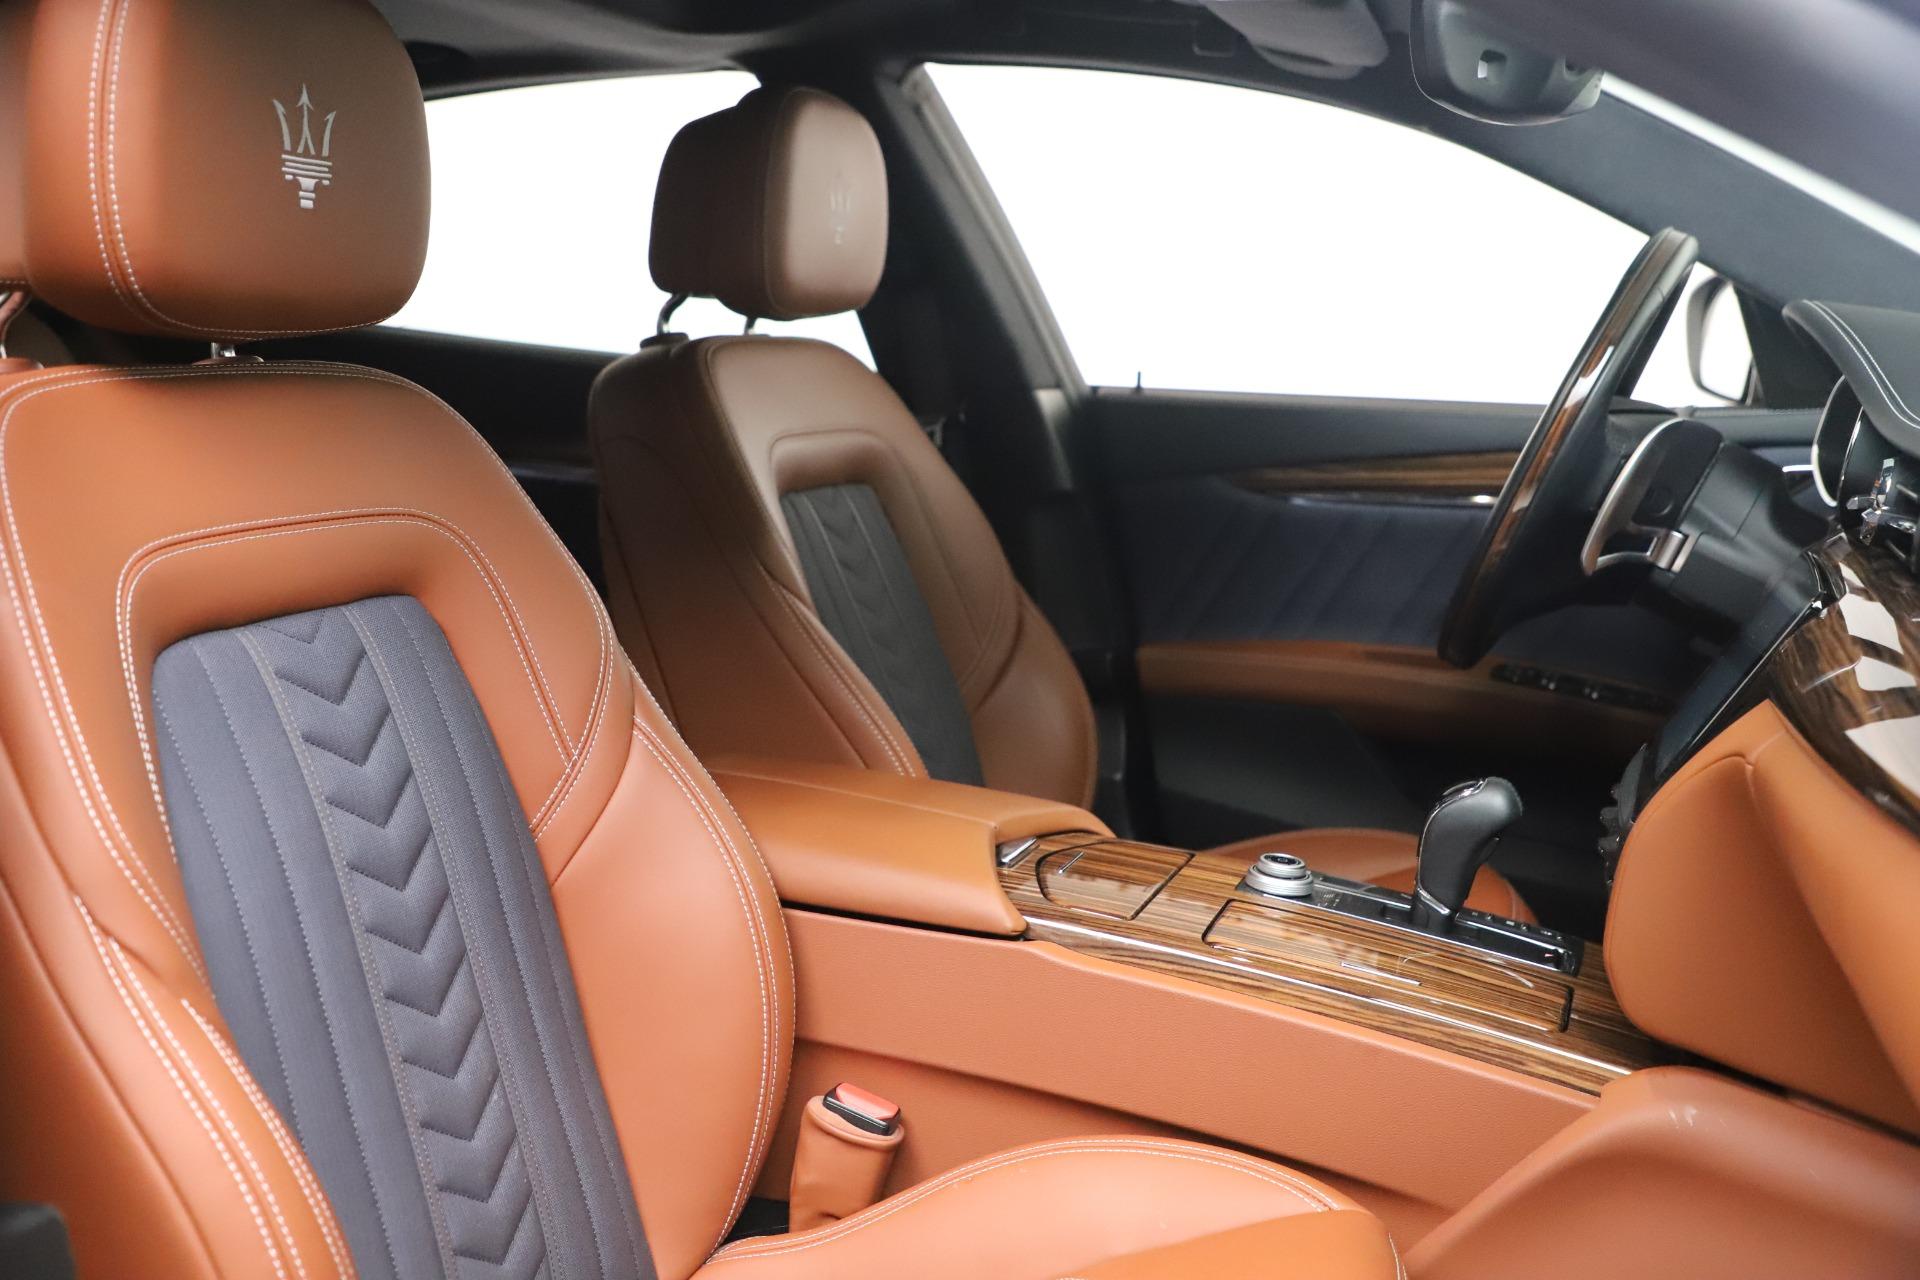 New 2017 Maserati Quattroporte SQ4 GranLusso/ Zegna For Sale In Greenwich, CT 1355_p21